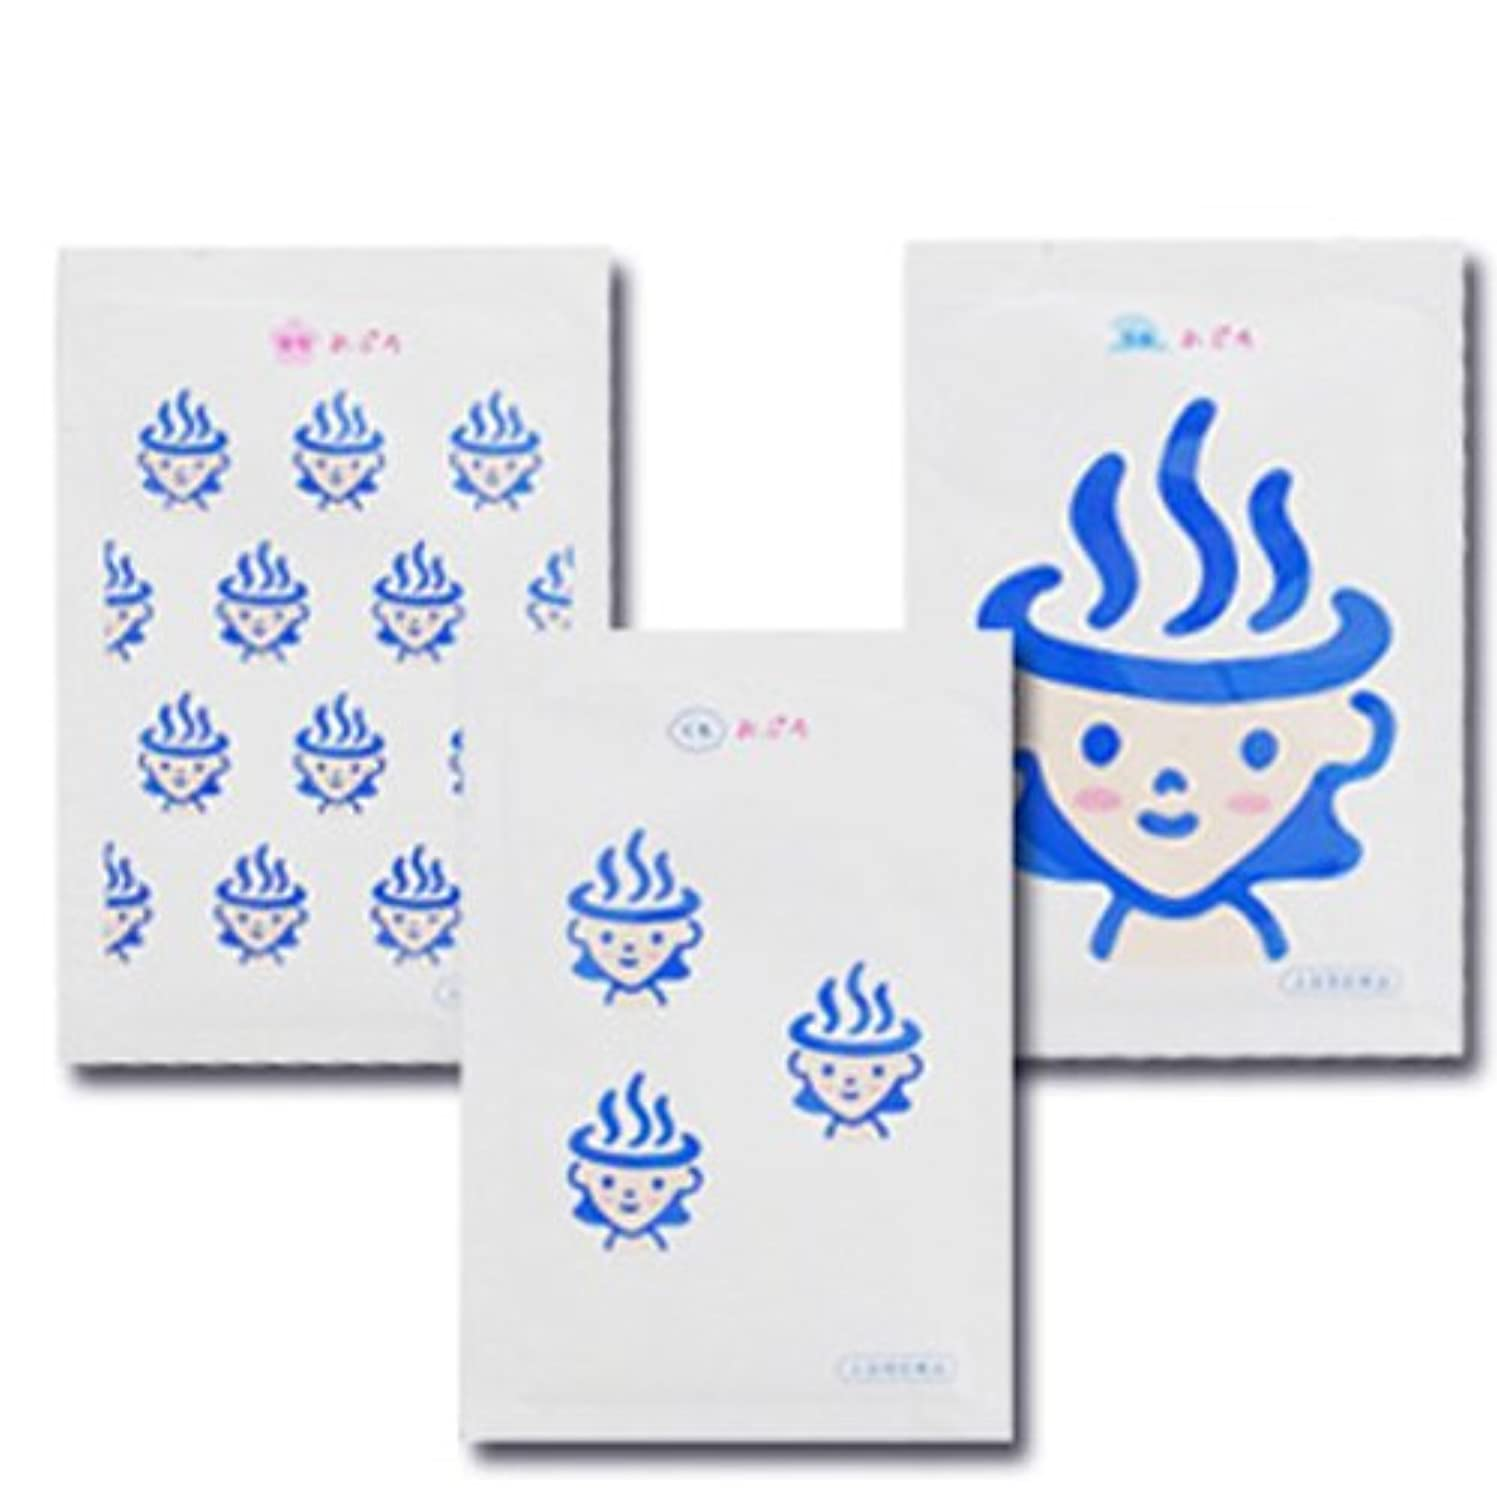 競争式アルバムお風呂サプリ おぷろ 3包入り(3種×1包)